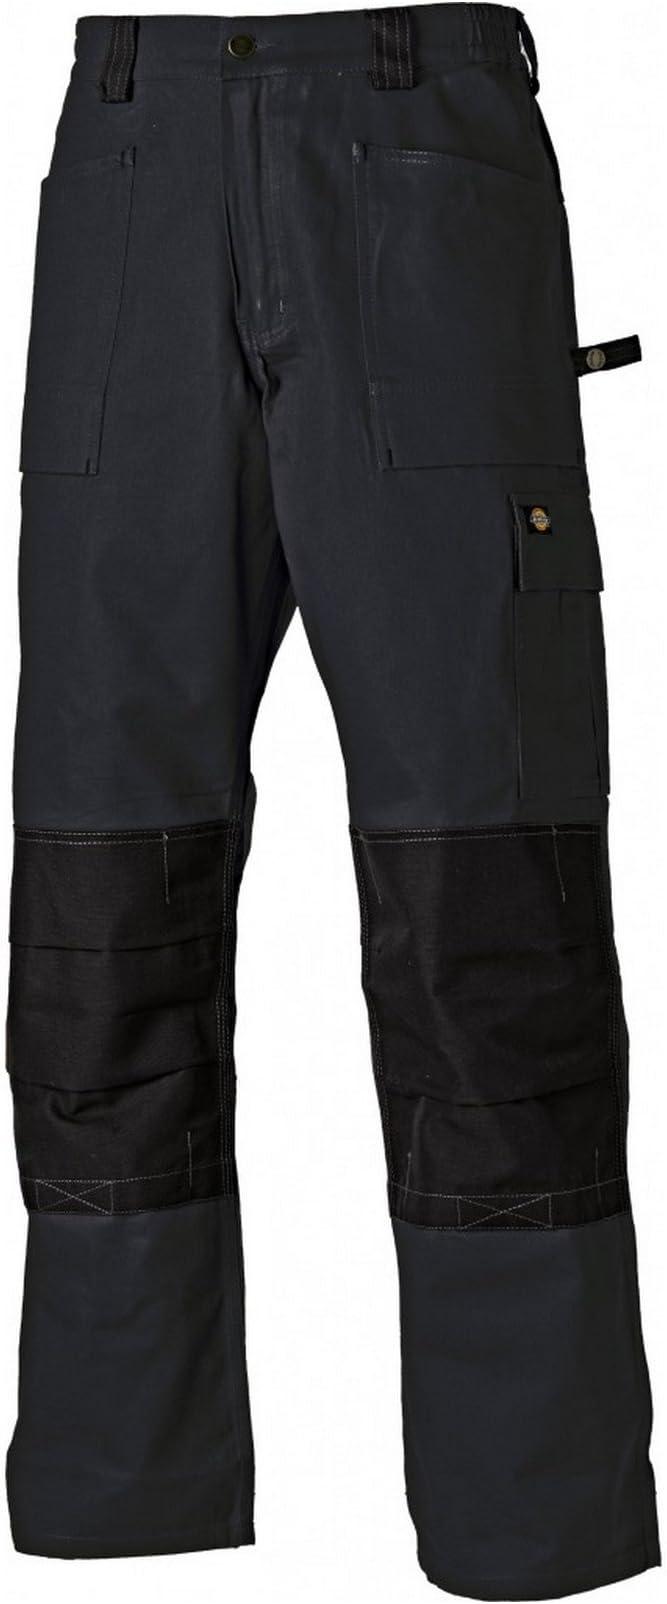 Dickies Pantalones De Trabajo Para Hombre Injertados De Dos Tonos Ropa De Trabajo Clothing Amazon Com